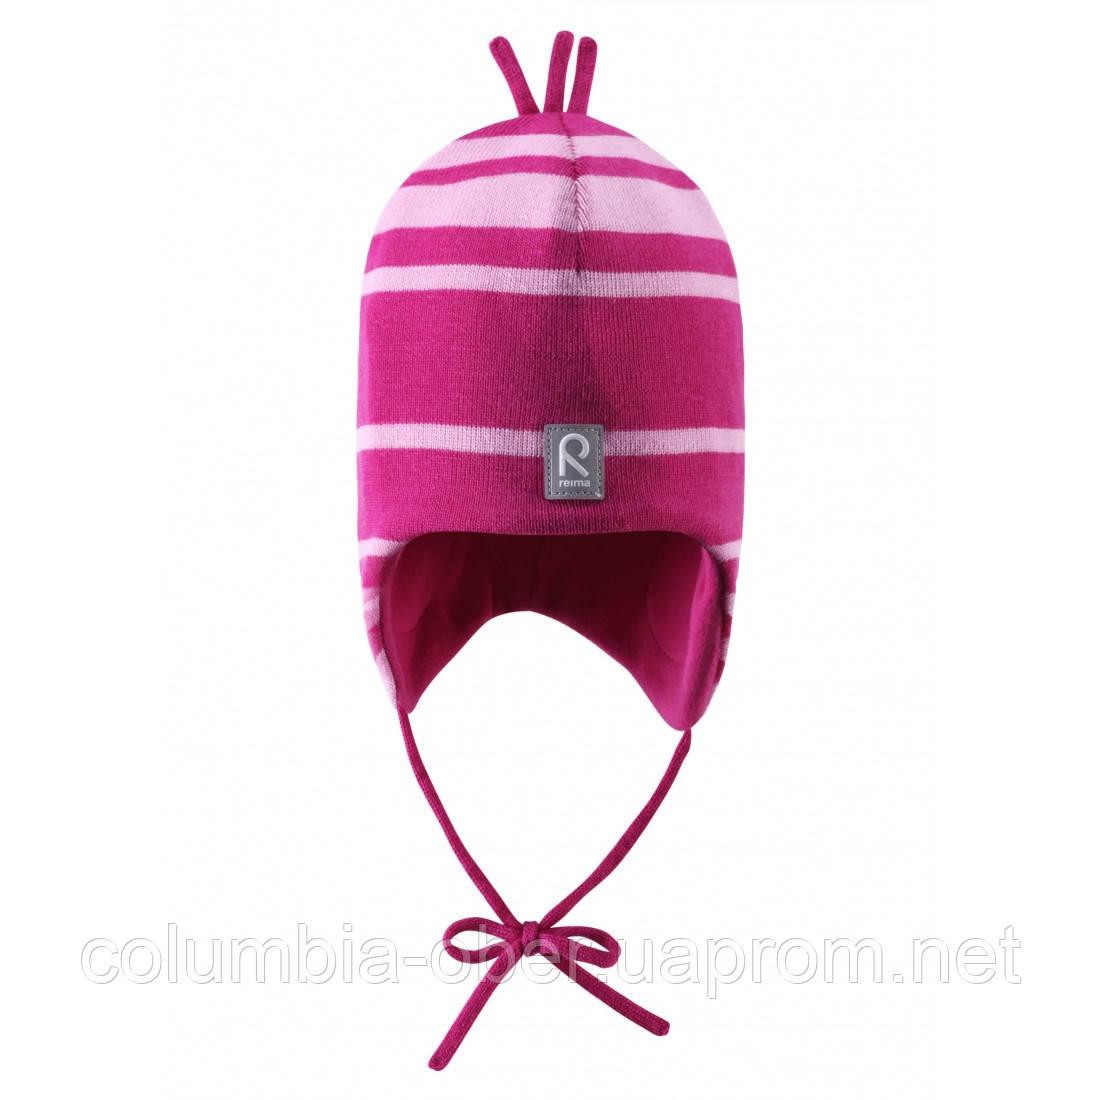 Шерстяная зимняя шапка Reima Auva 518241-4620. Размер 46, 48, 50 и 52.